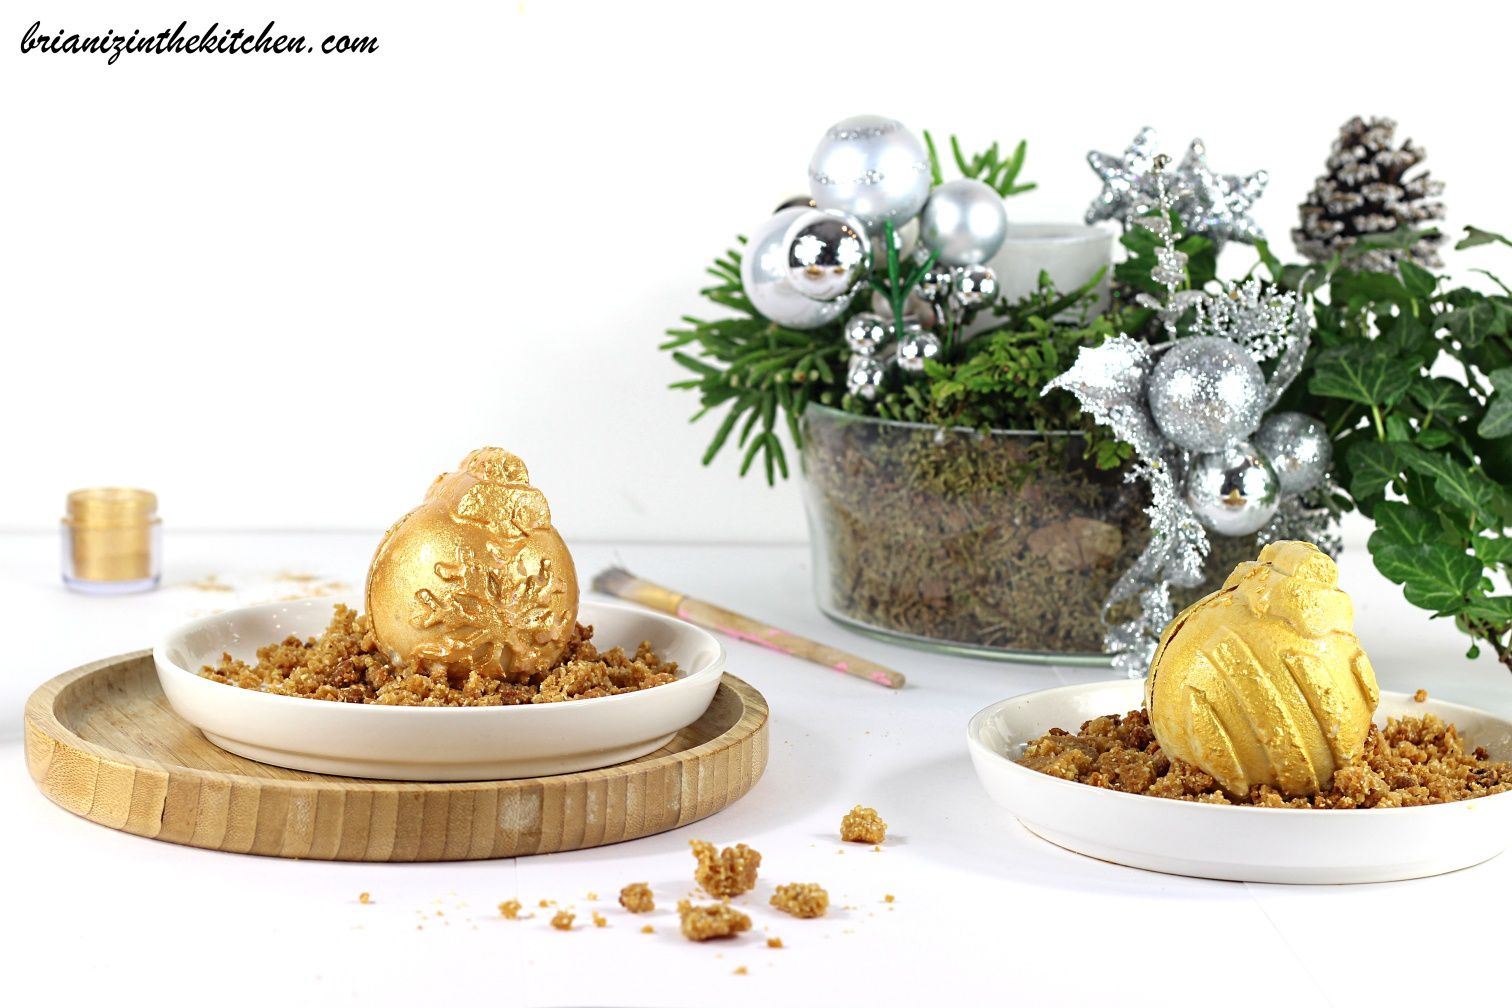 Boules Mousse de Banane, Coeur Caramel au Beurre Salé